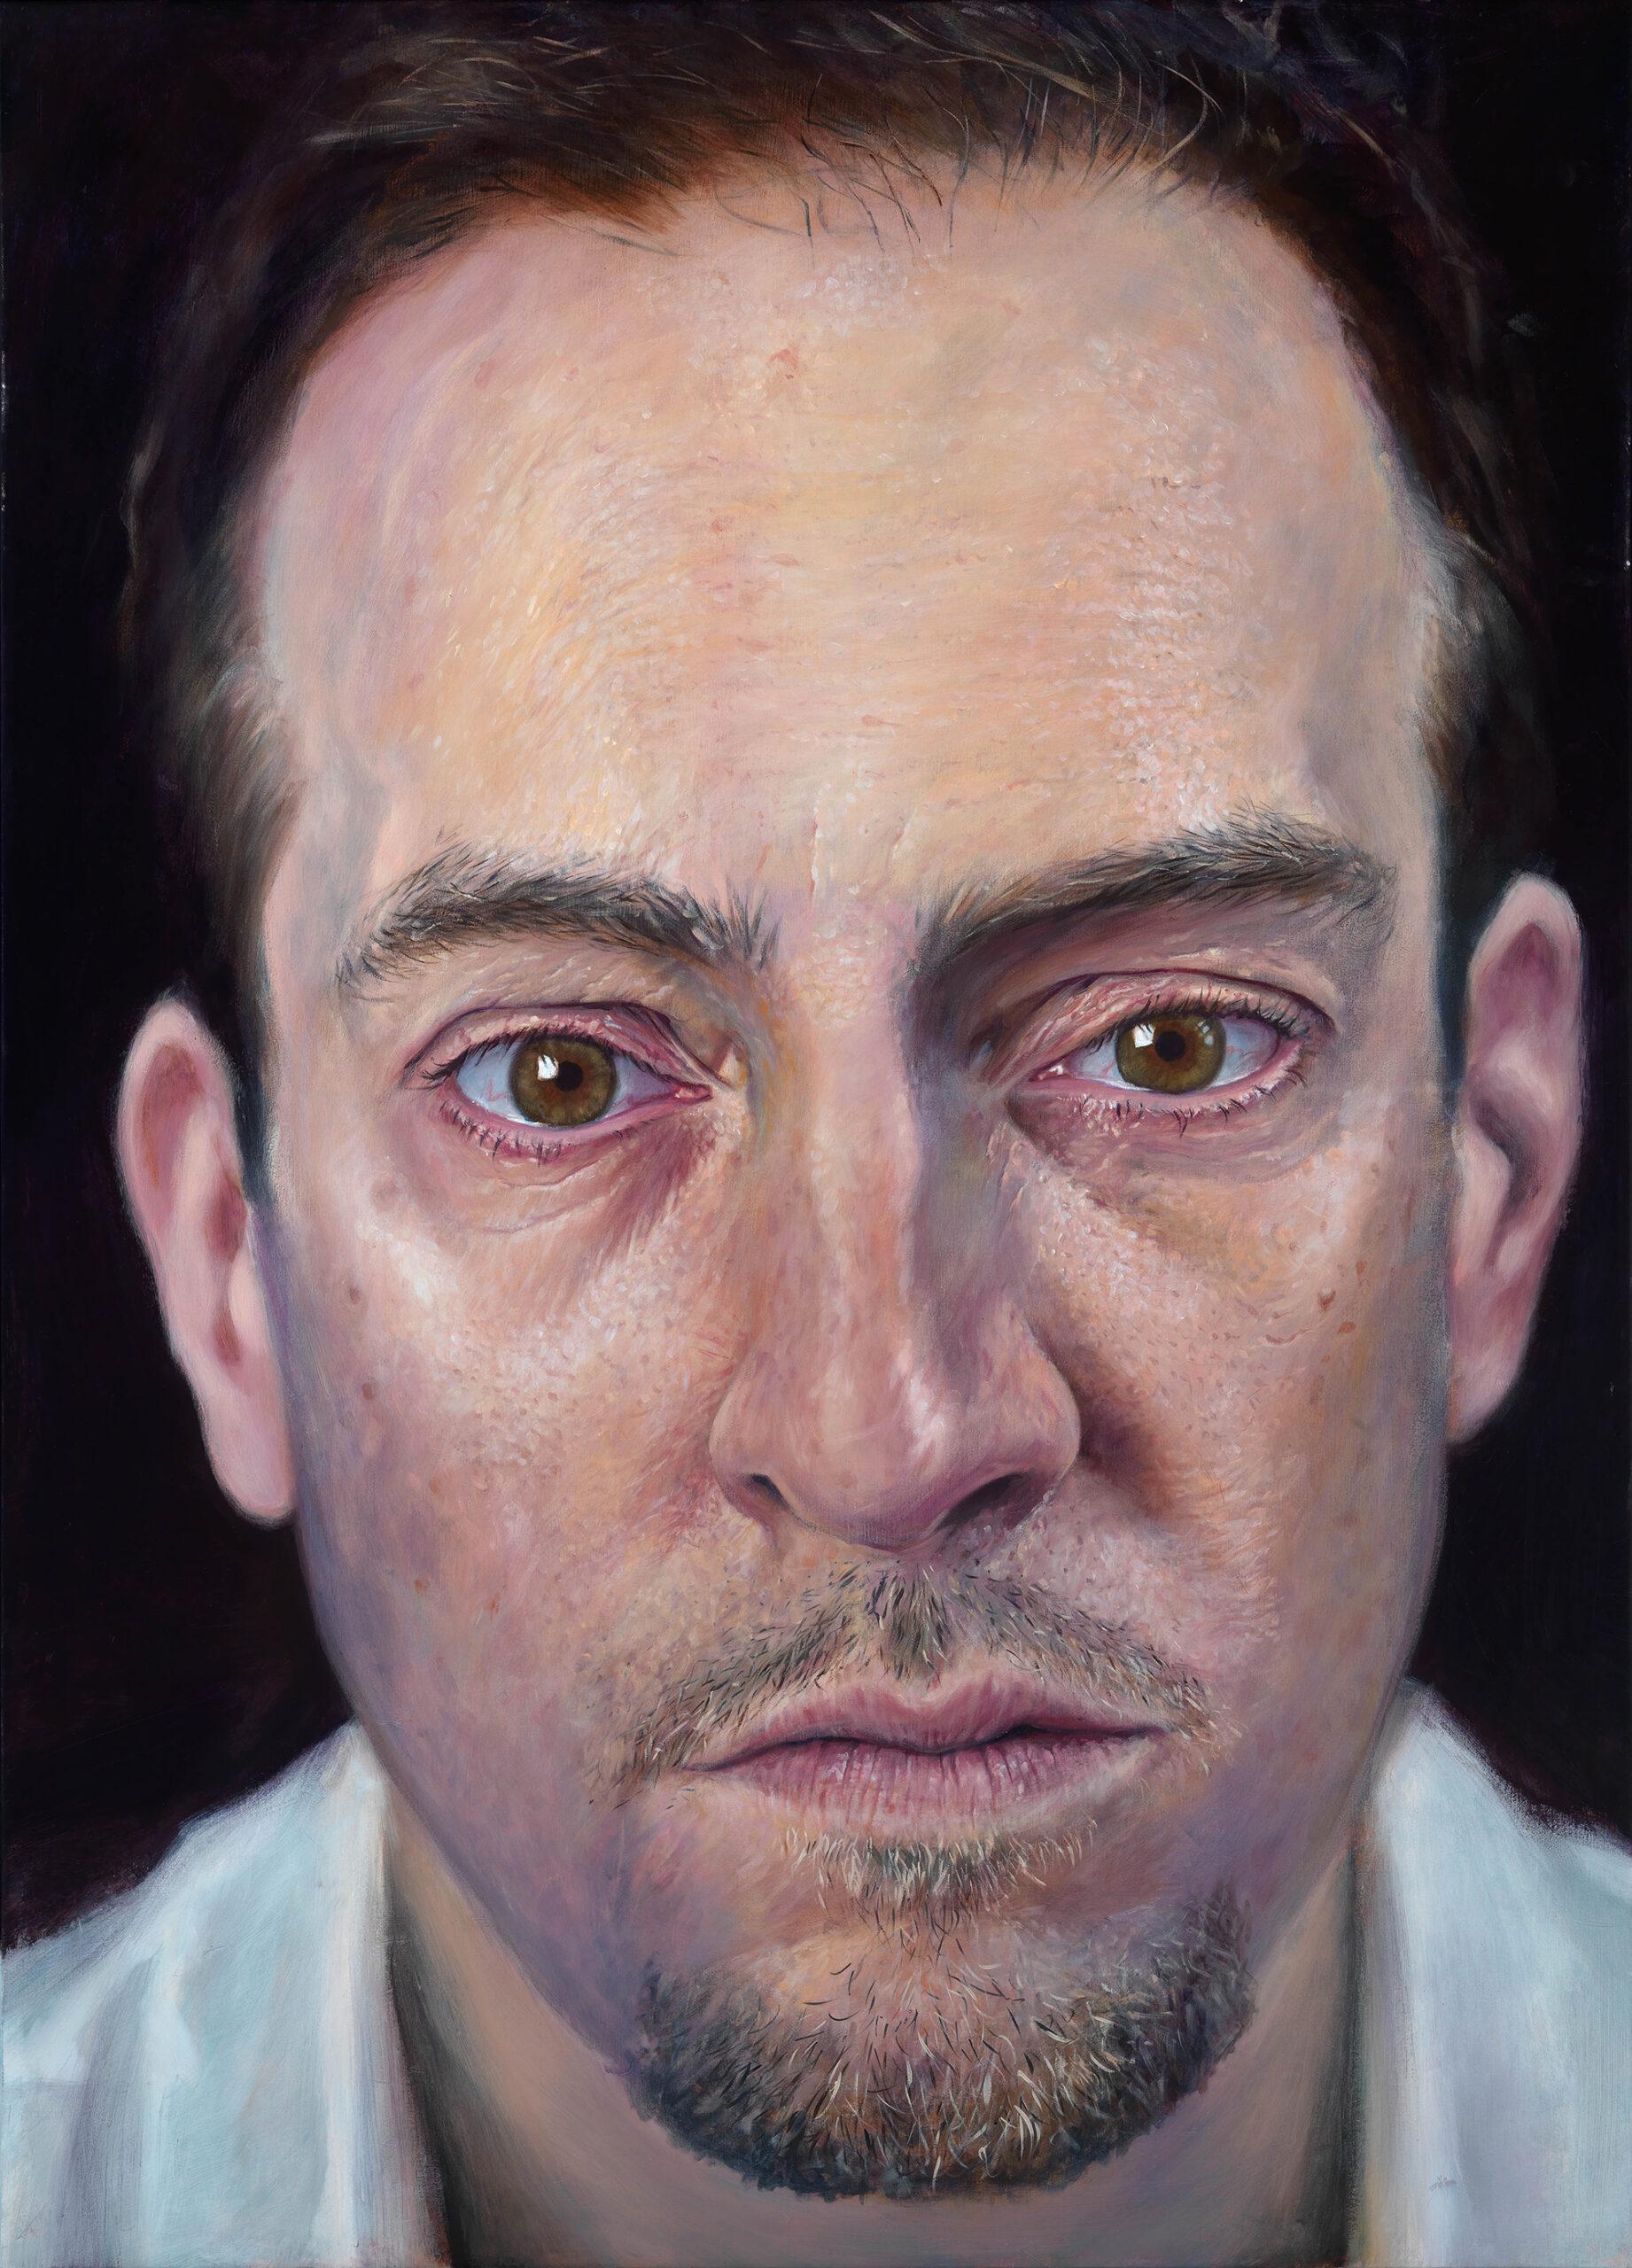 Self-portrait by Derren Brown (2011)